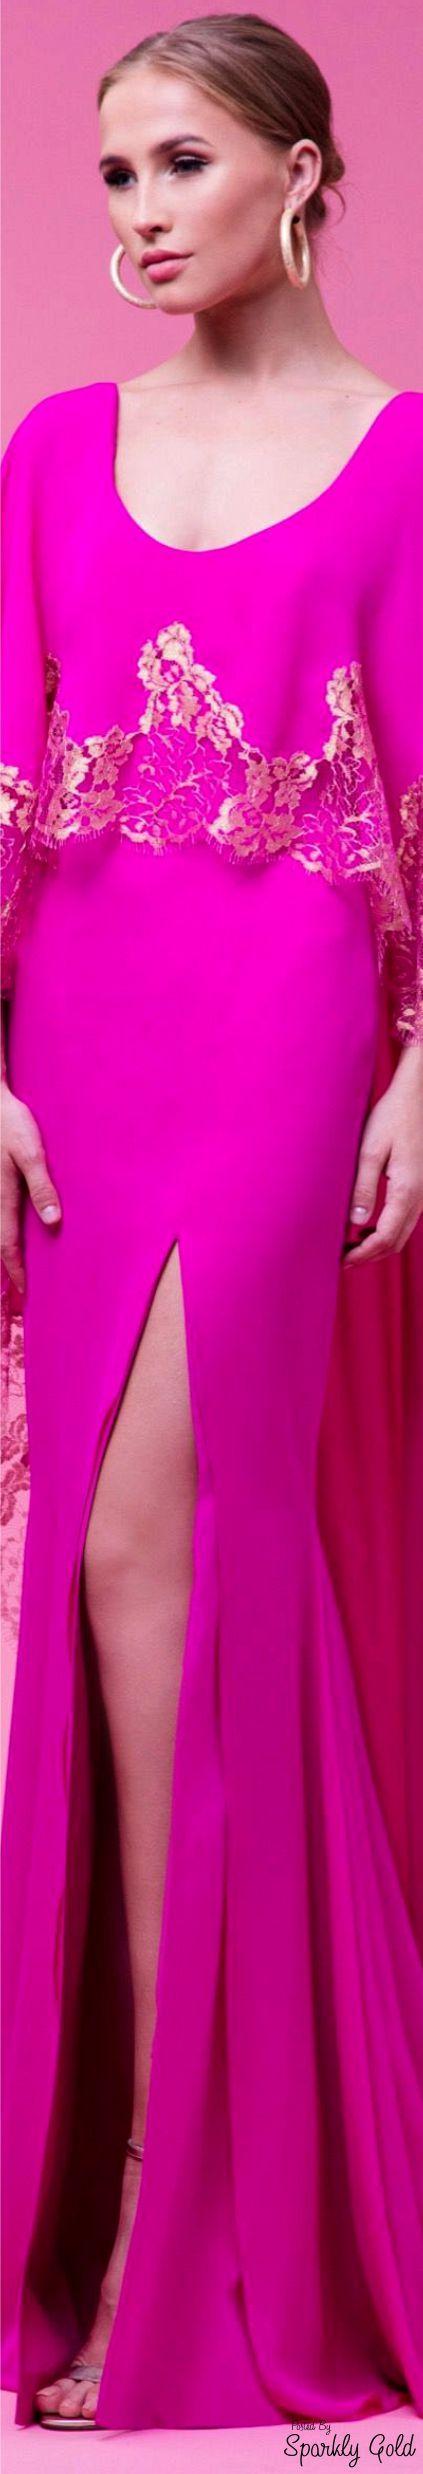 Lujo Vestidos Fiesta Irlanda Componente - Colección de Vestidos de ...